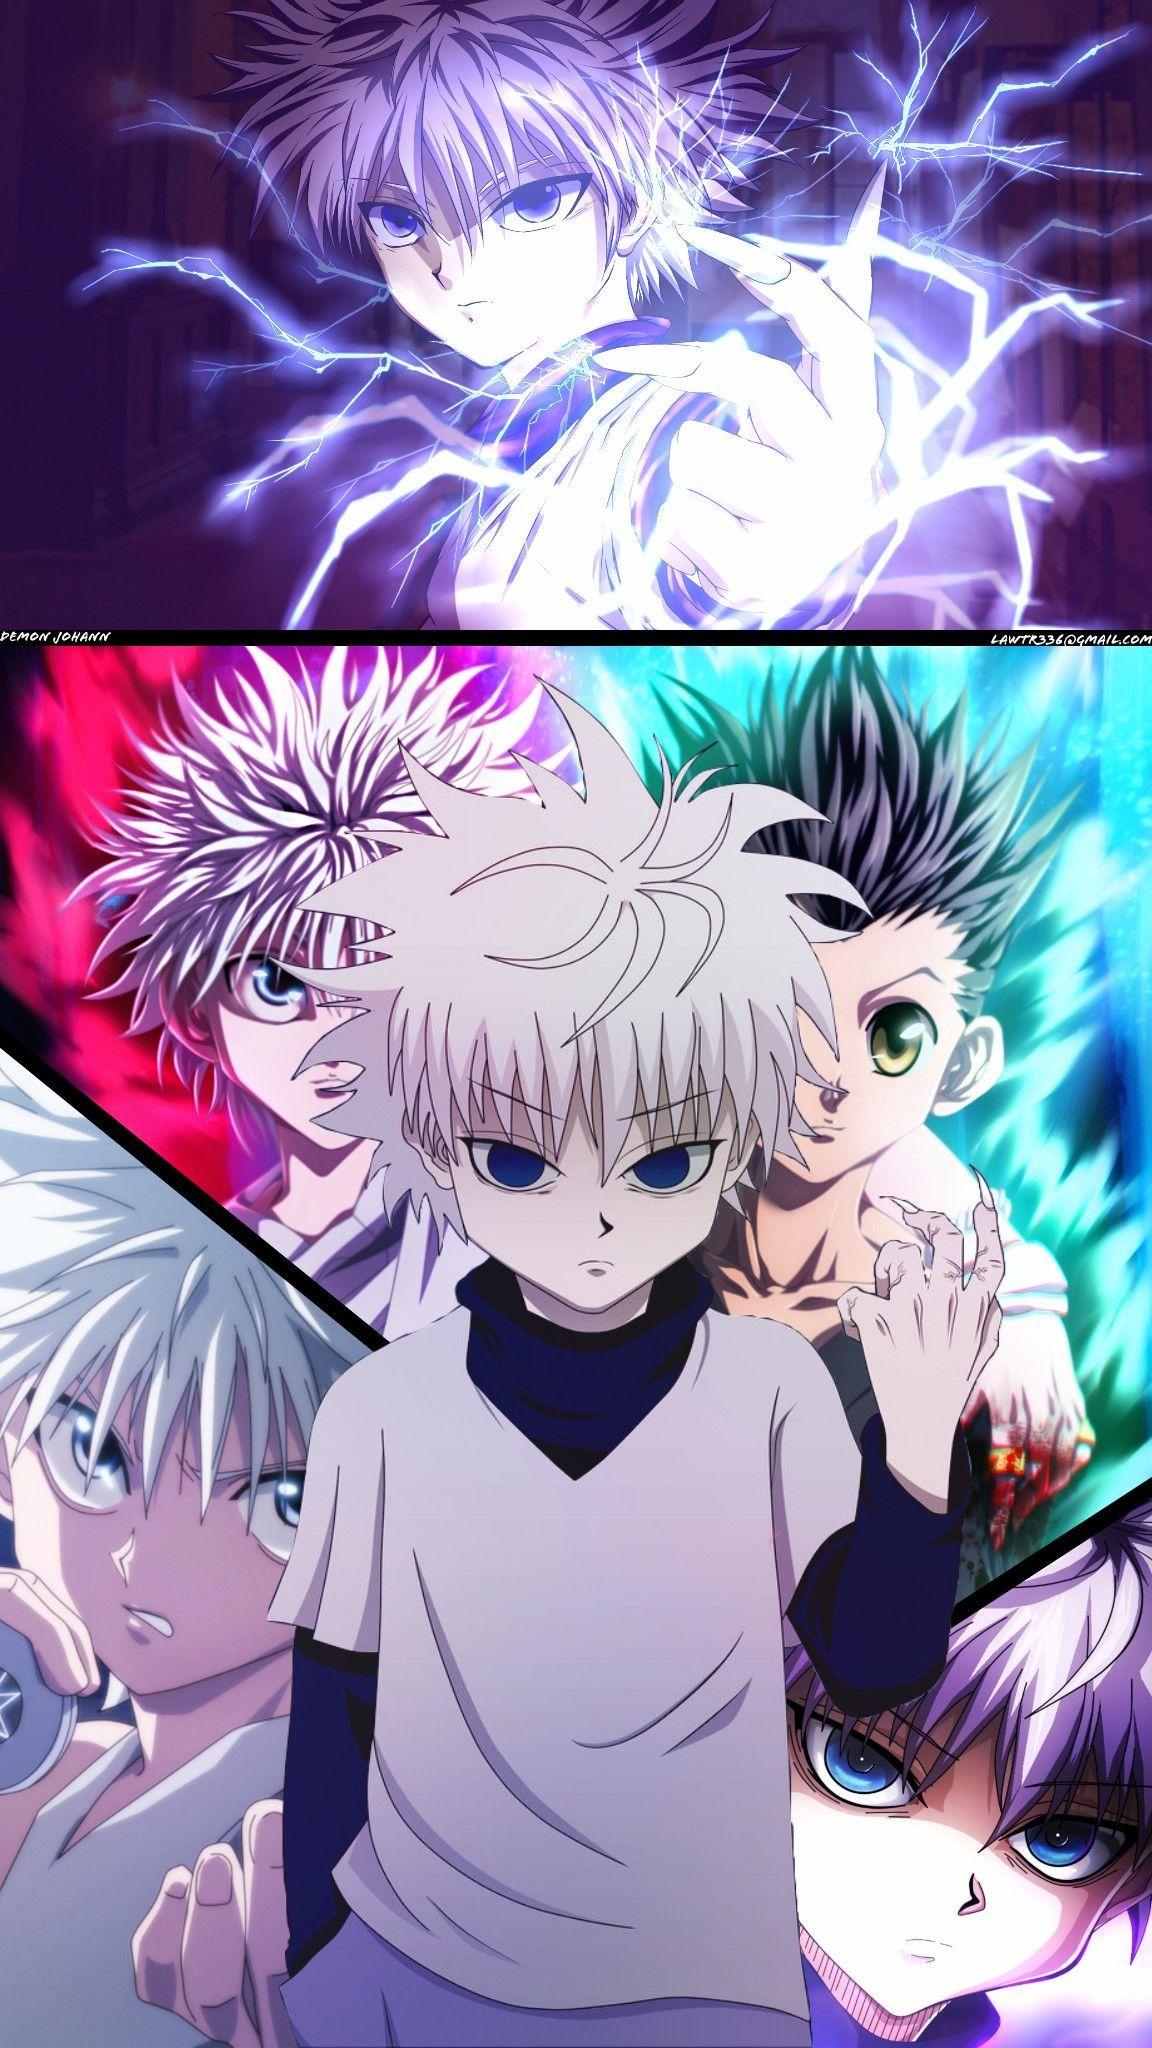 Killua Zoldyck Fond D Ecran Dessin Art Jeu De Cartes Illustrations Animees